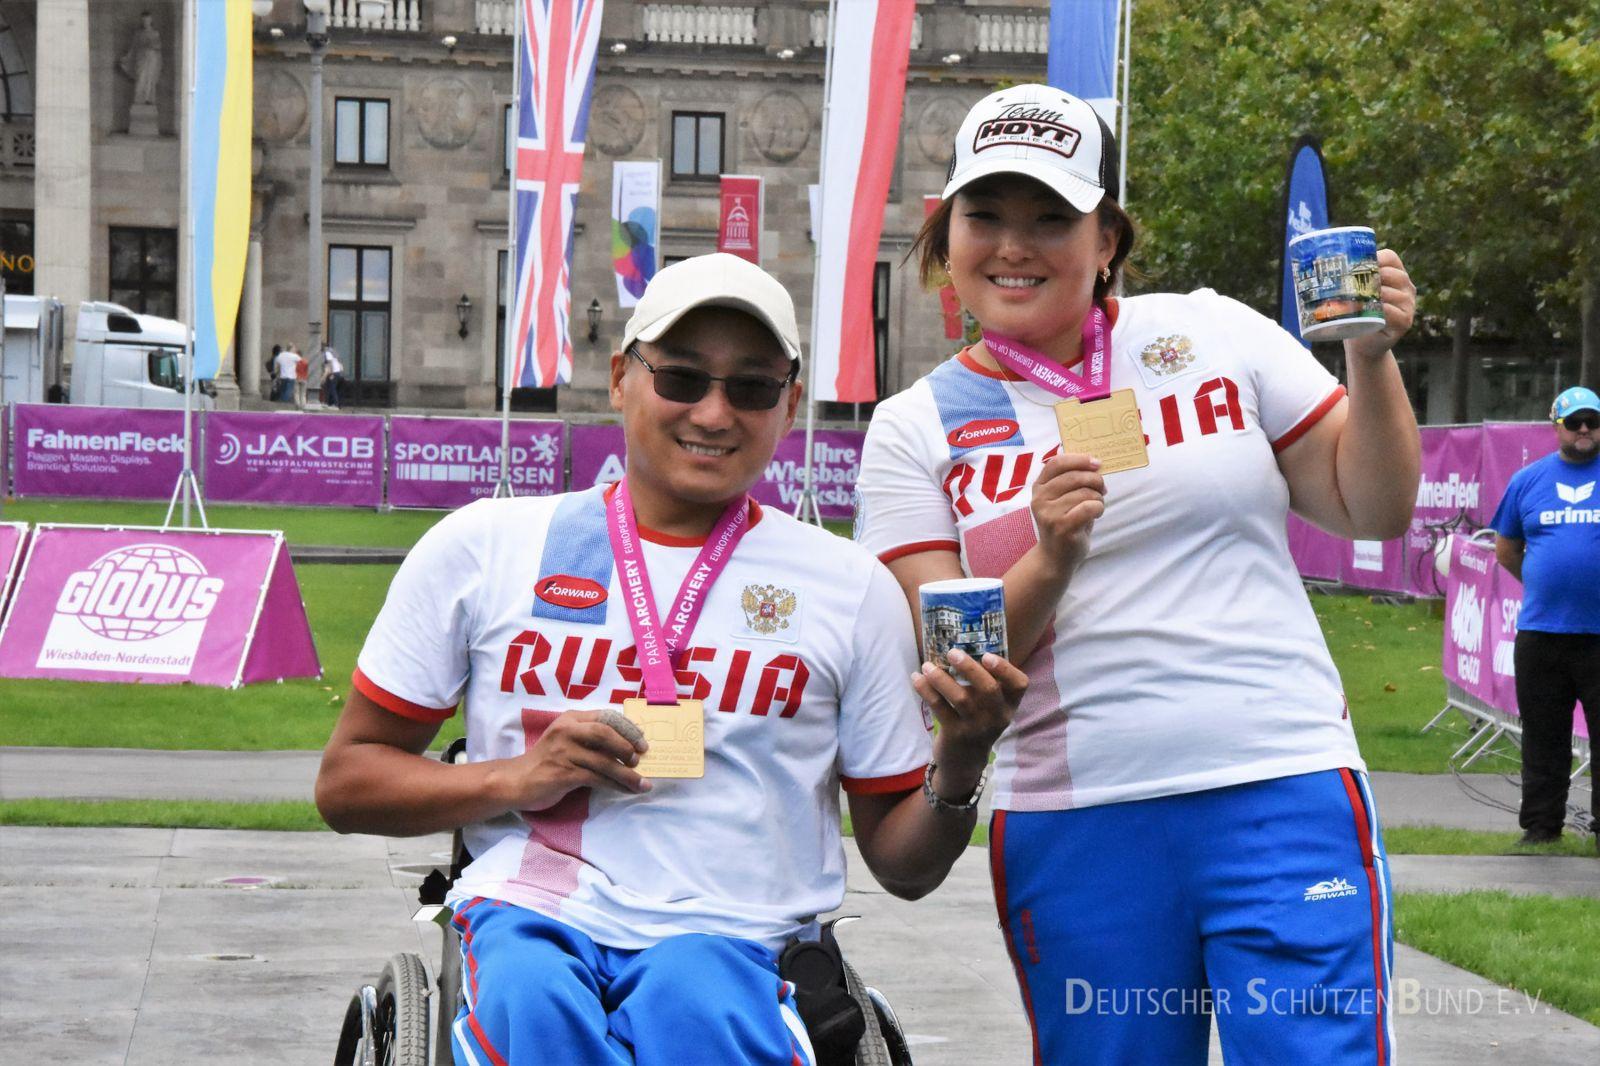 Сборная команда России завоевала первое общекомандное место на финале Кубка Европы по стрельбе из лука спорта лиц с ПОДА в Германии